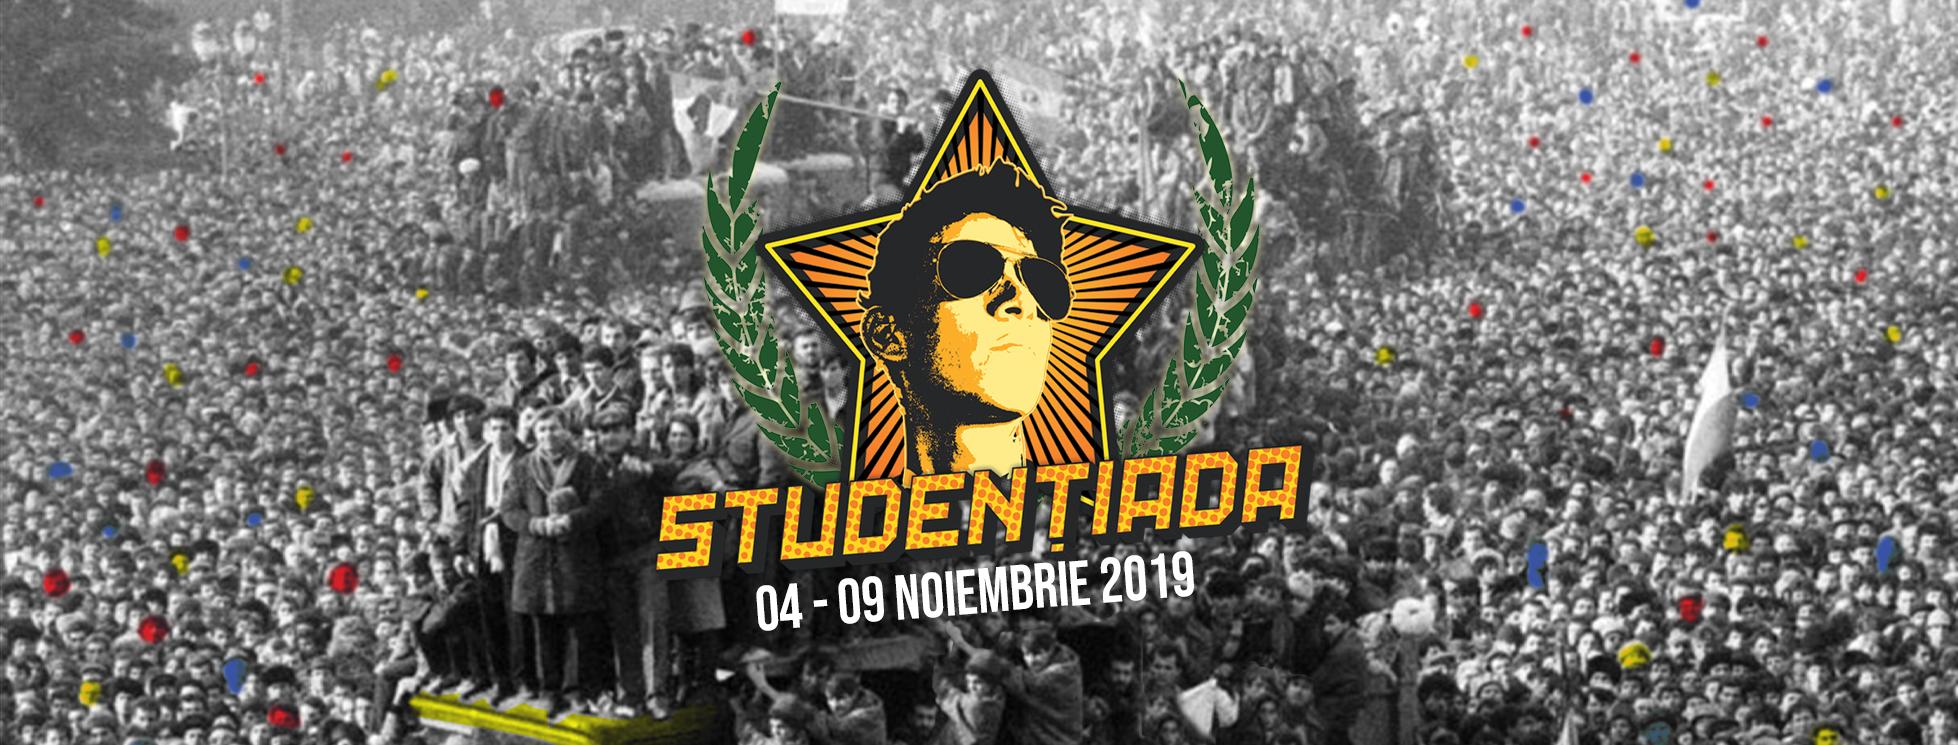 Studențiada 2019 – Program